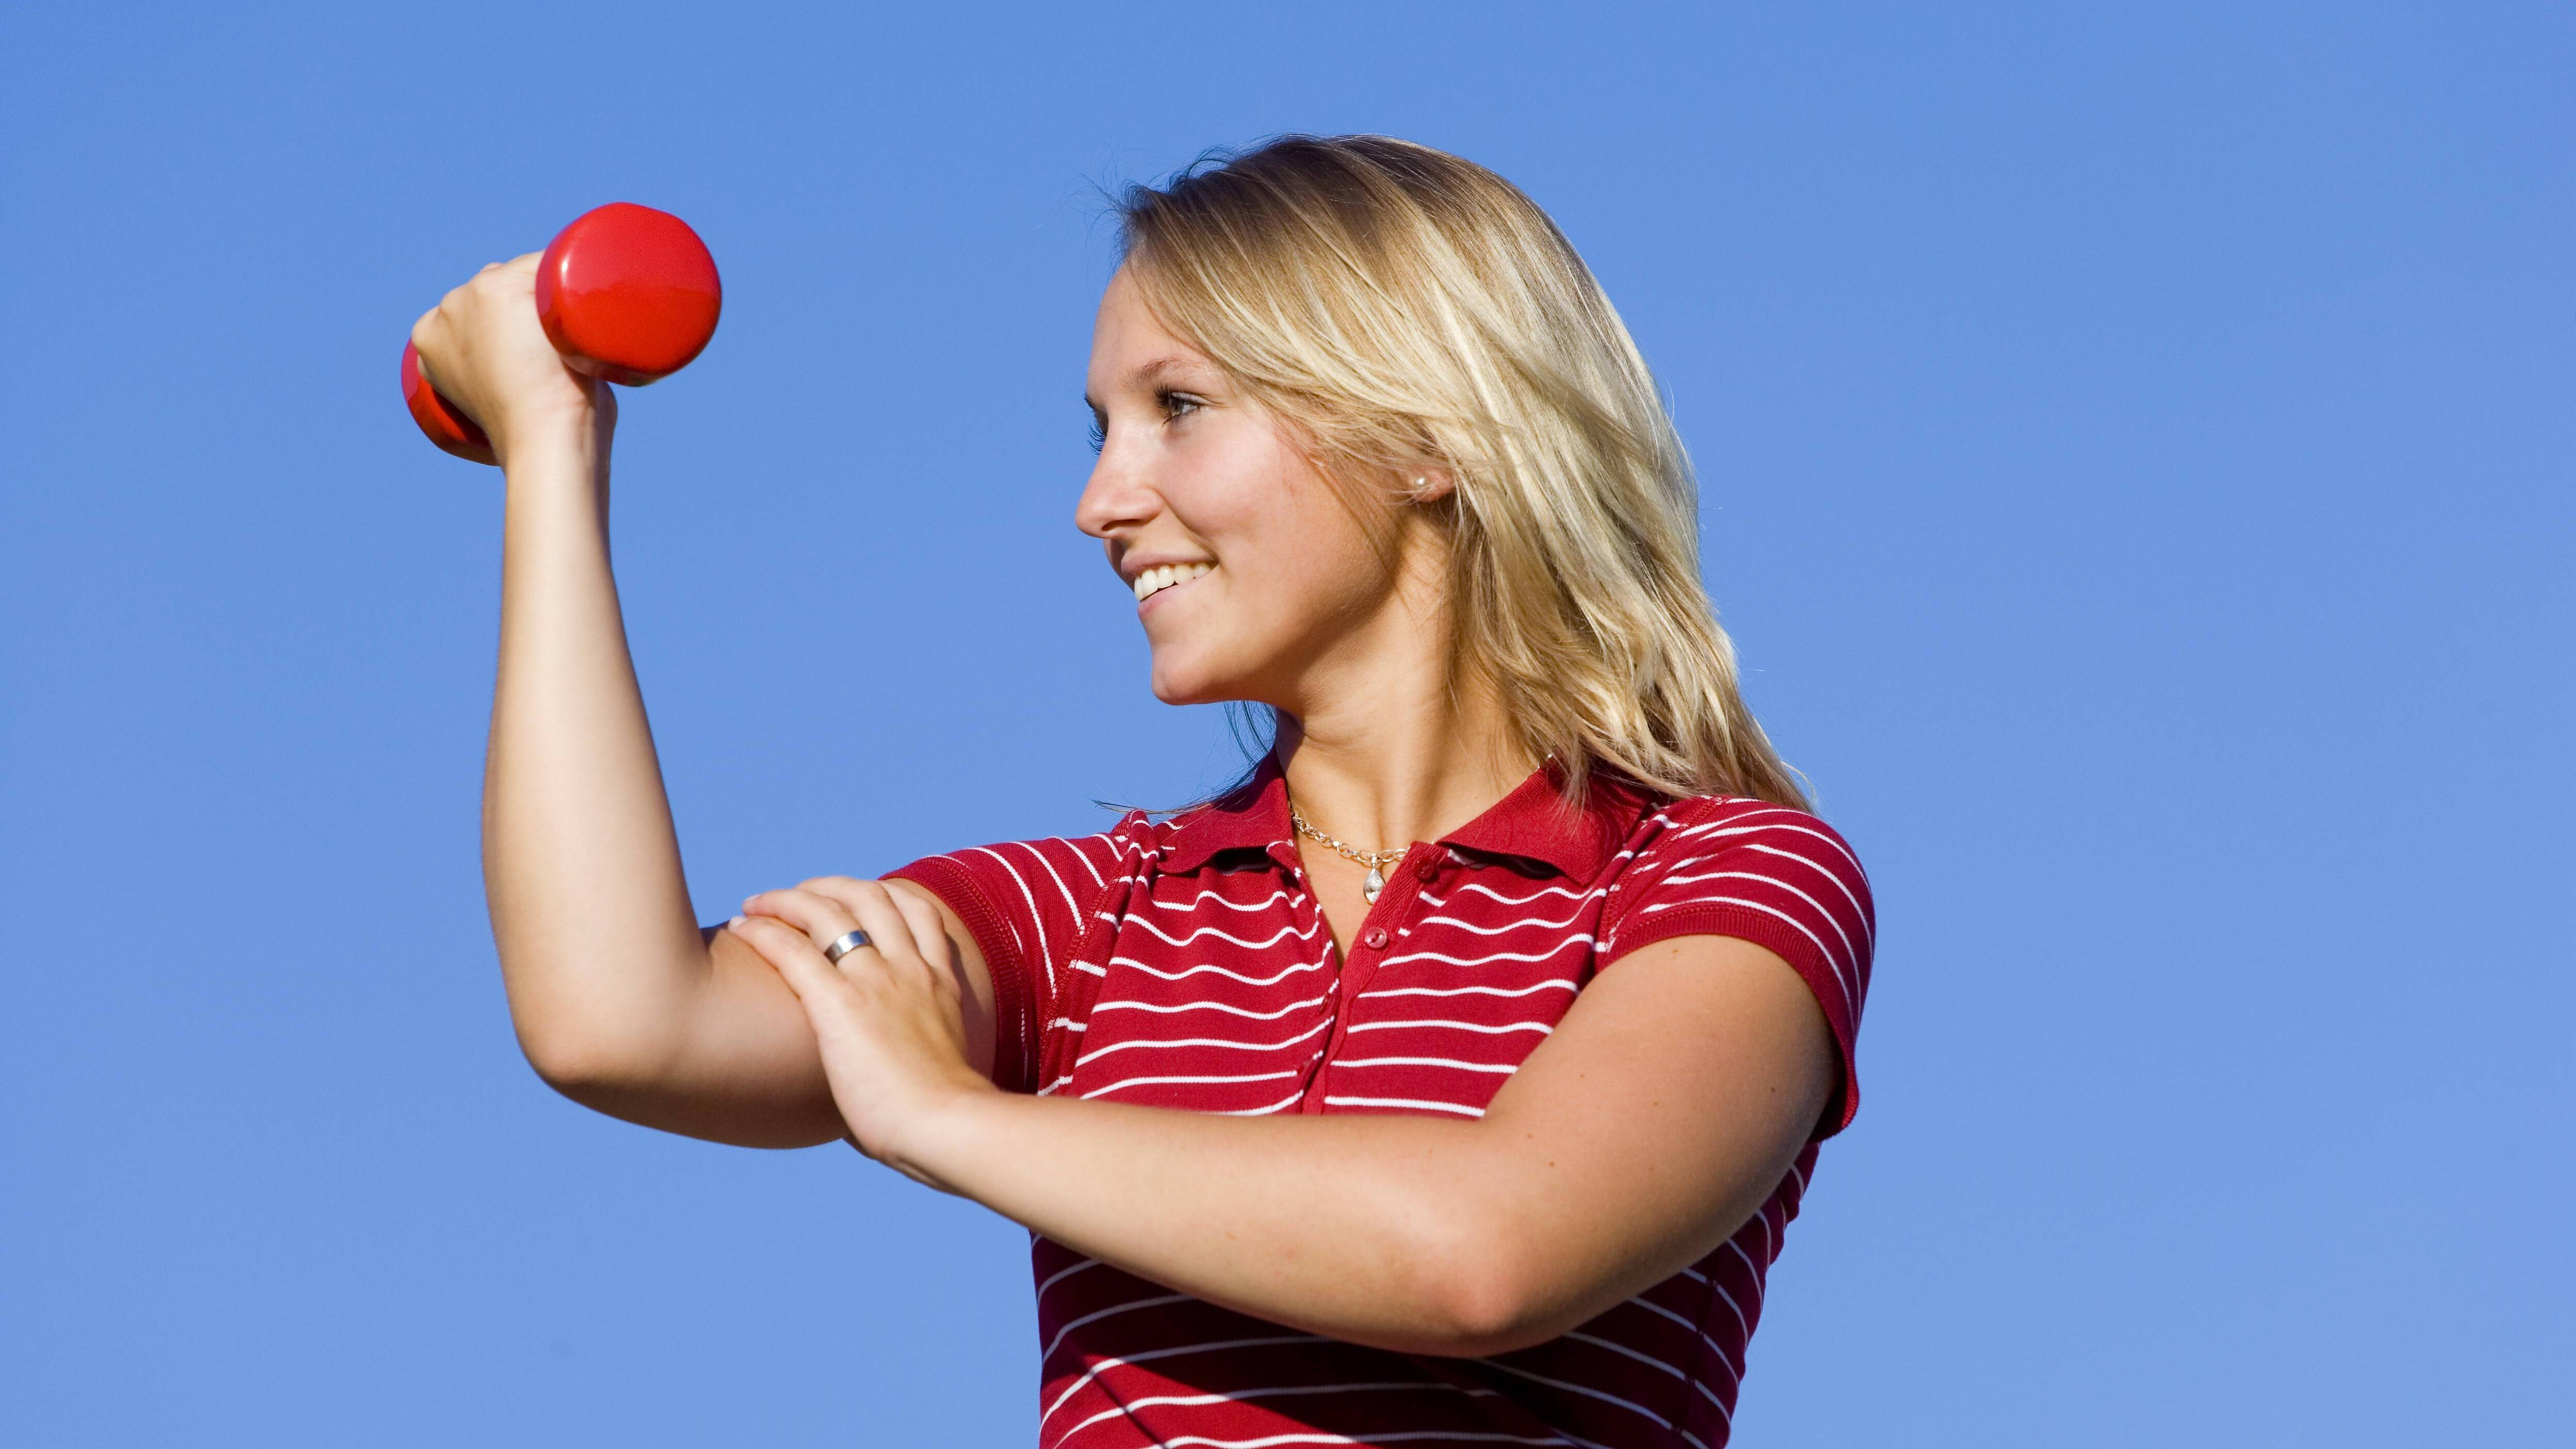 Arme trainieren: 7 gute Übungen für straffe und starke Arme